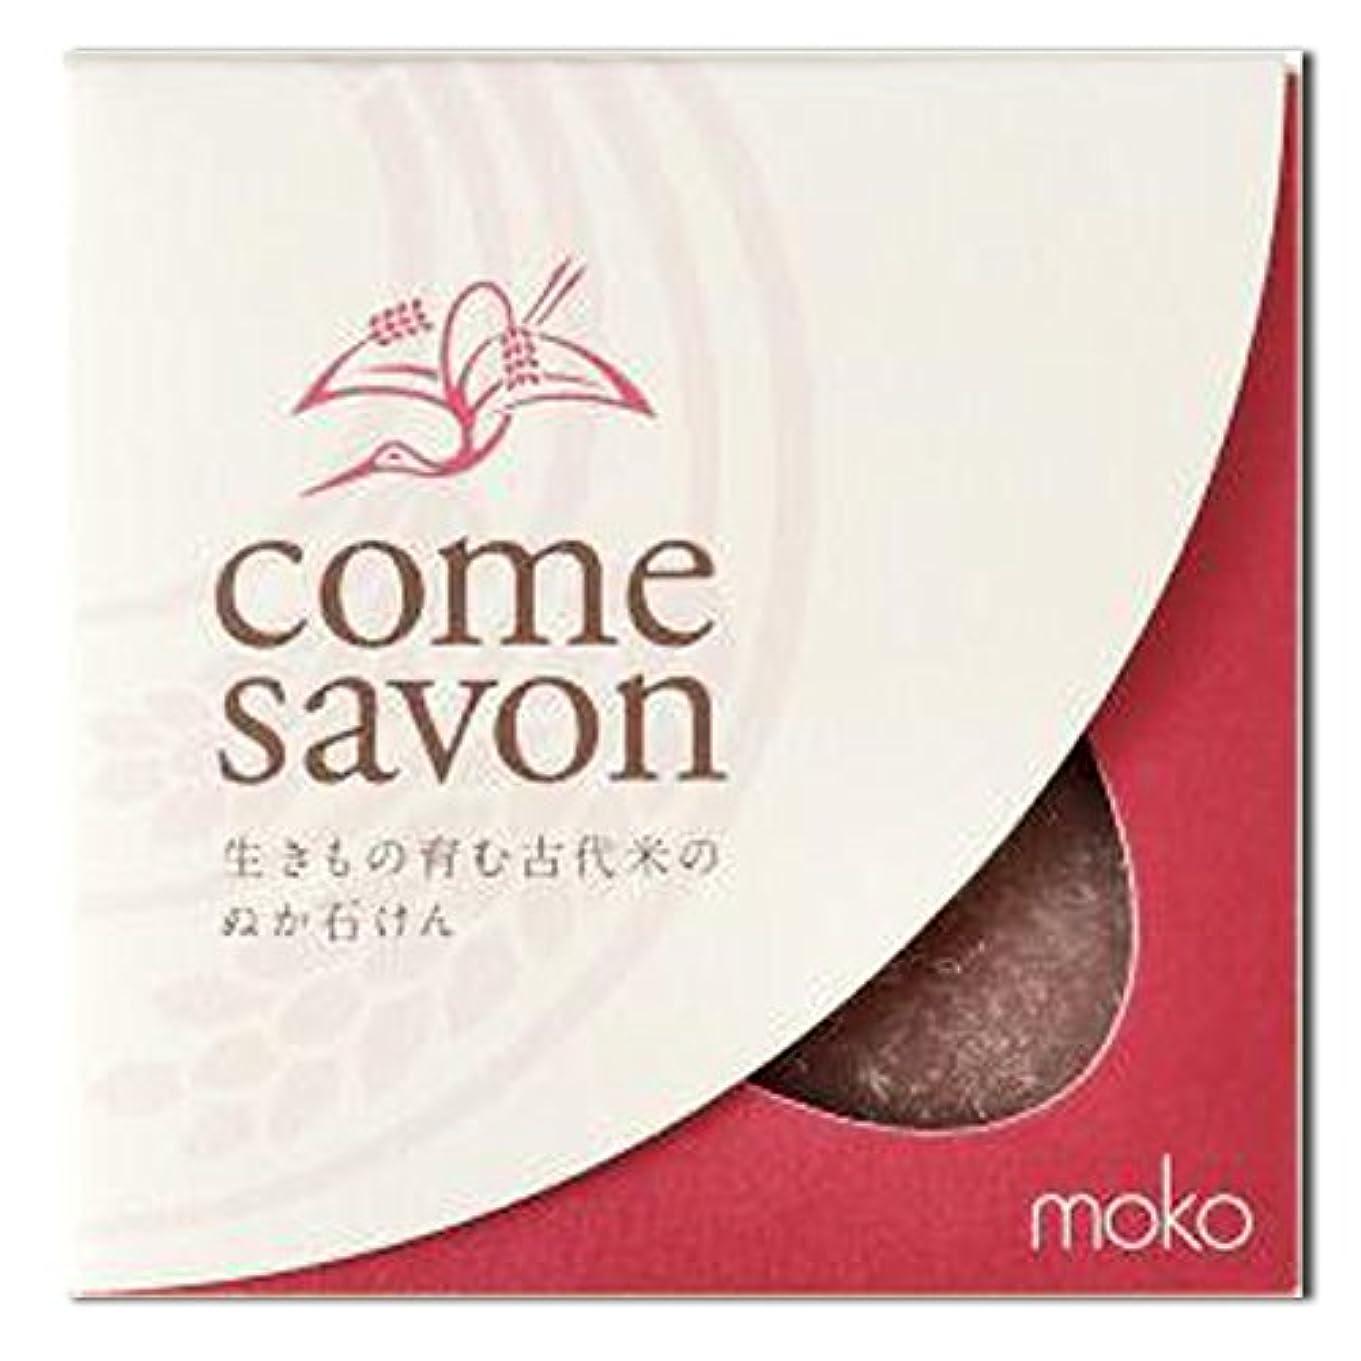 論争的立方体プレフィックス無添加手作り石けんcome savon 紅 しっとりタイプ